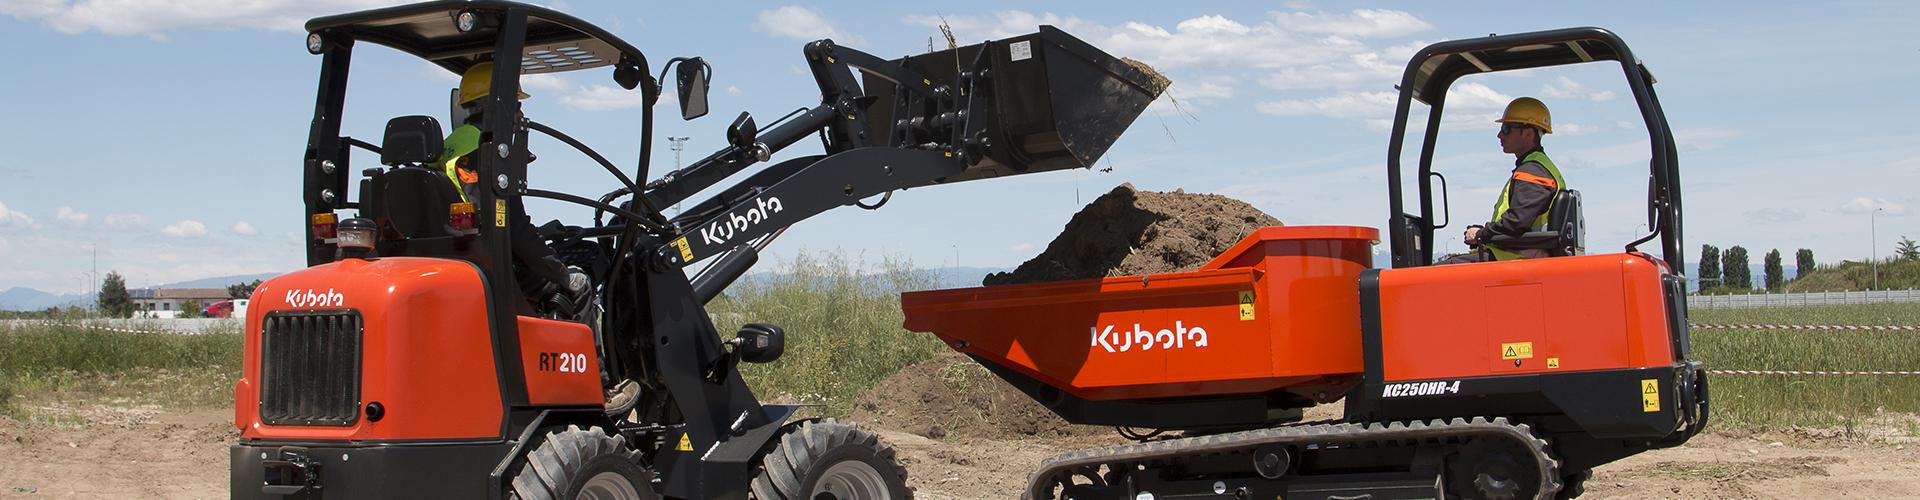 La gamme des chargeuses sur pneus Kubota